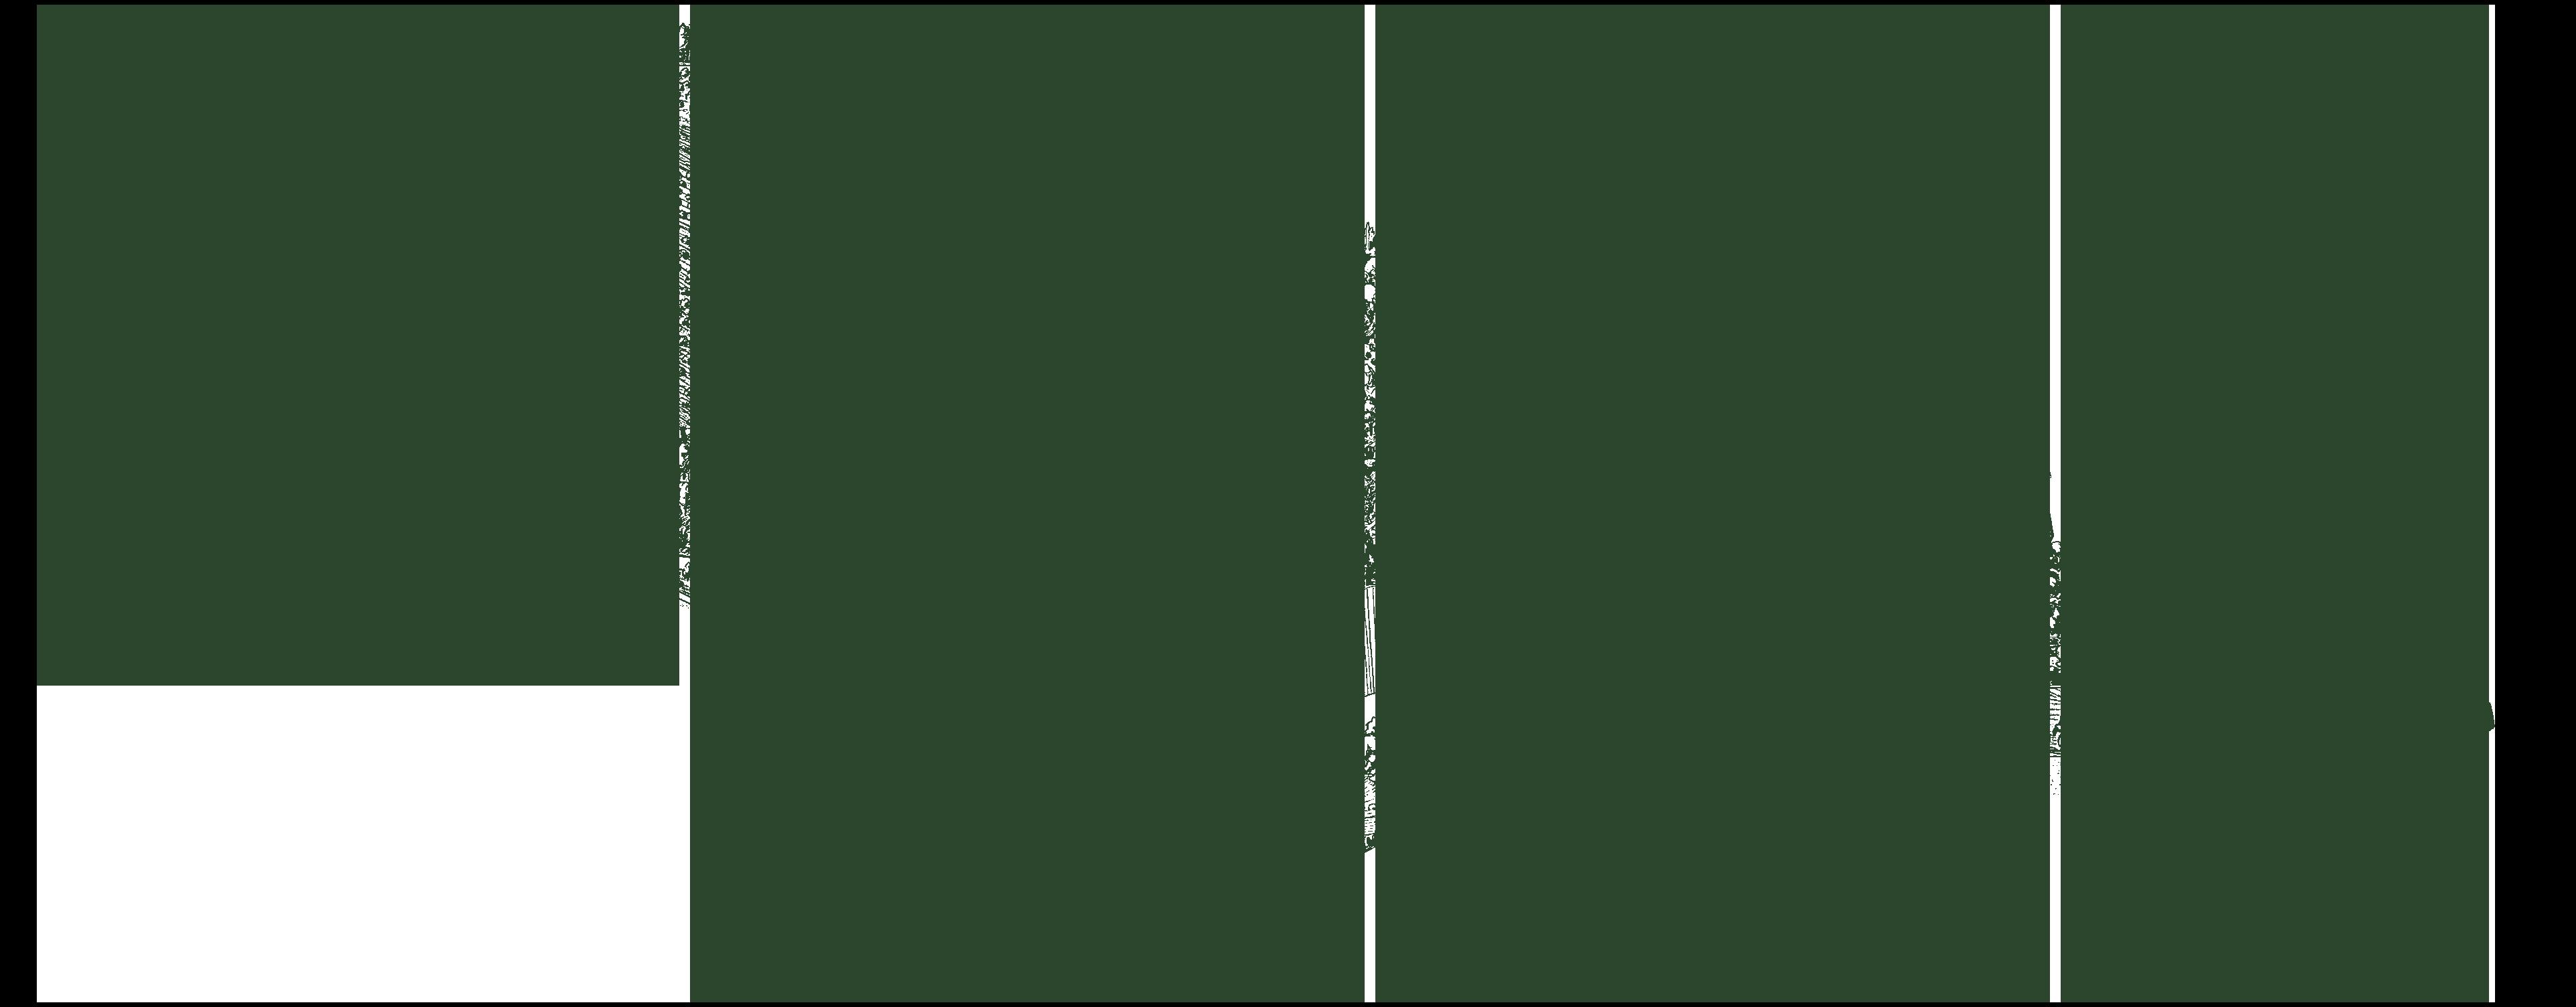 1927 Map of the Arboretum